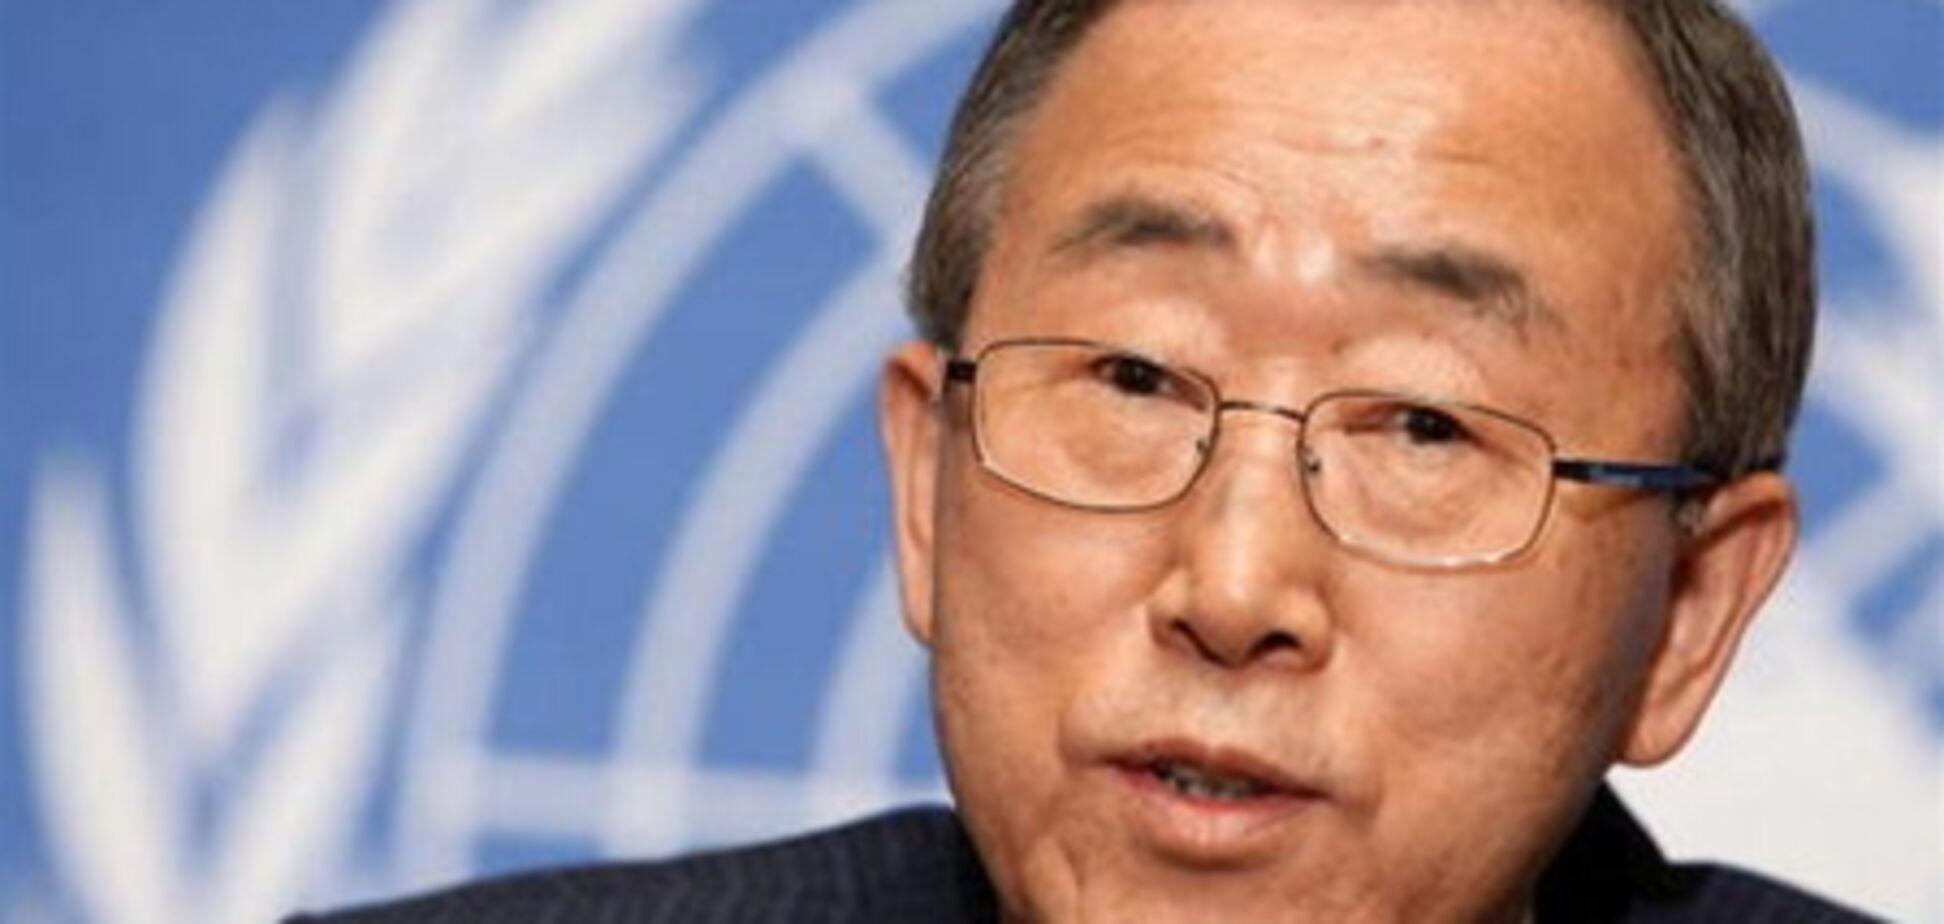 Генсек ООН пророкує нові труднощі для світу в 2012 році